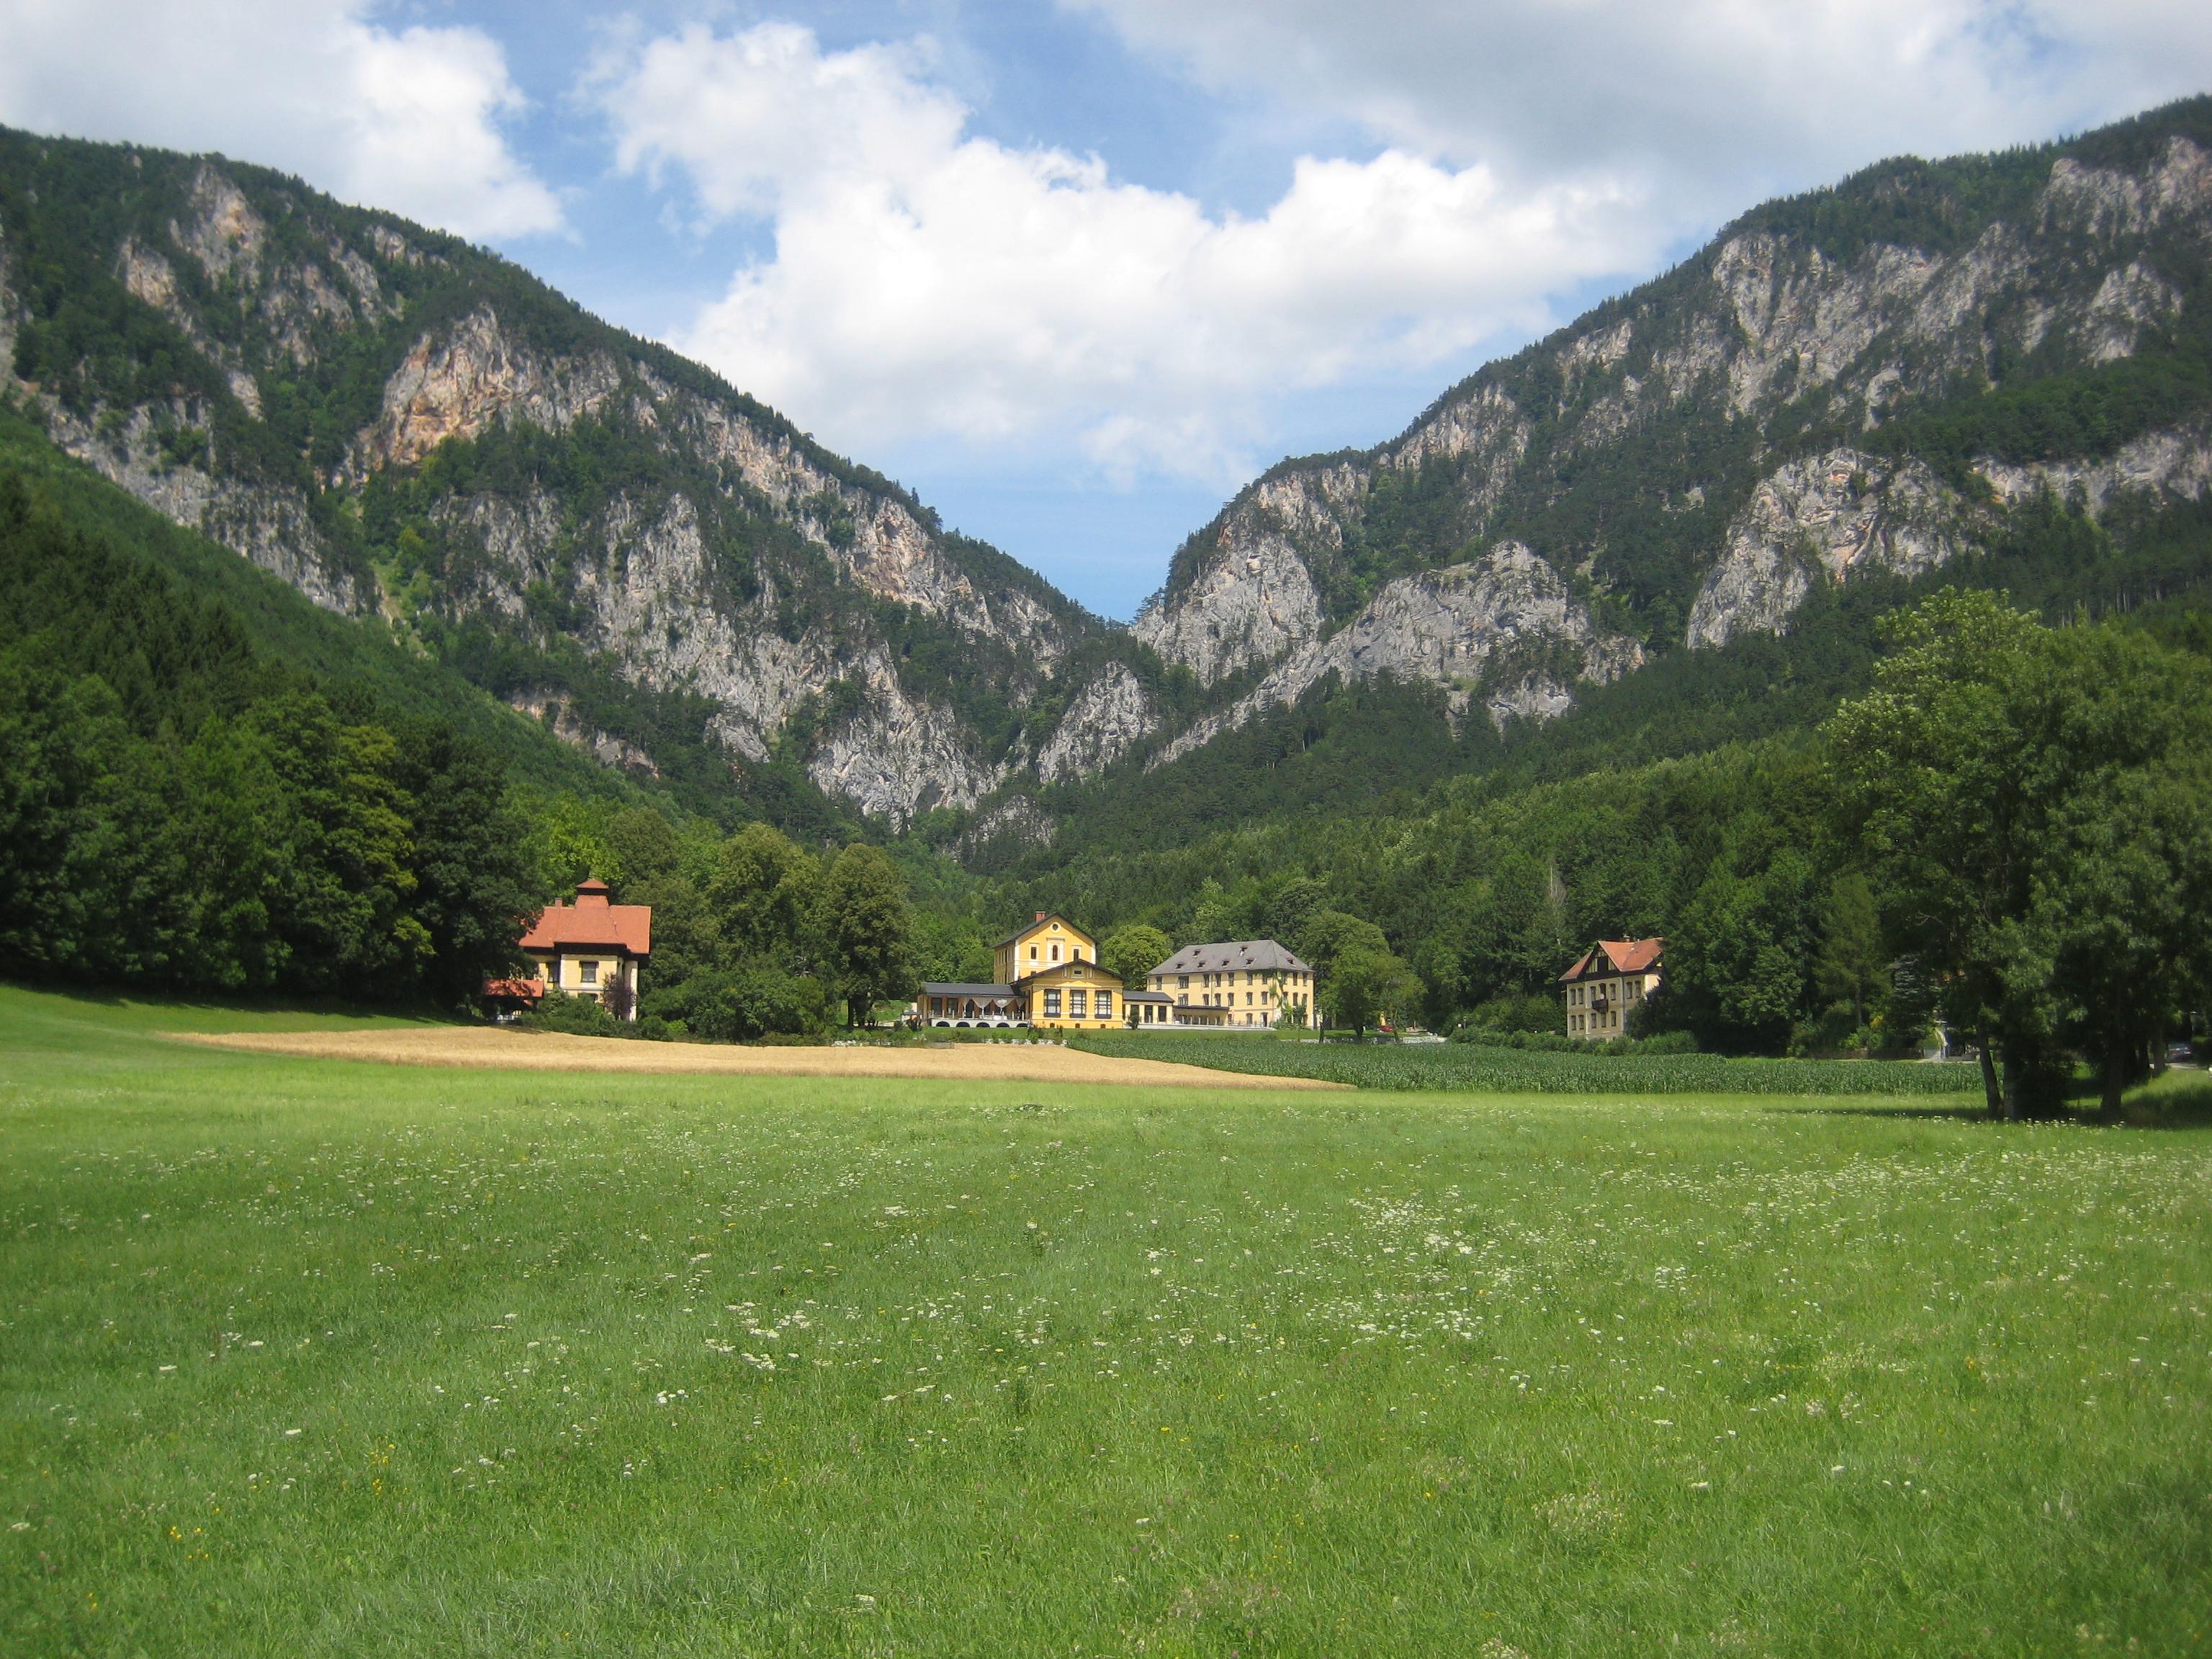 Landhaus Blauer Spatz Reichenau an der Rax - Reviews for 0